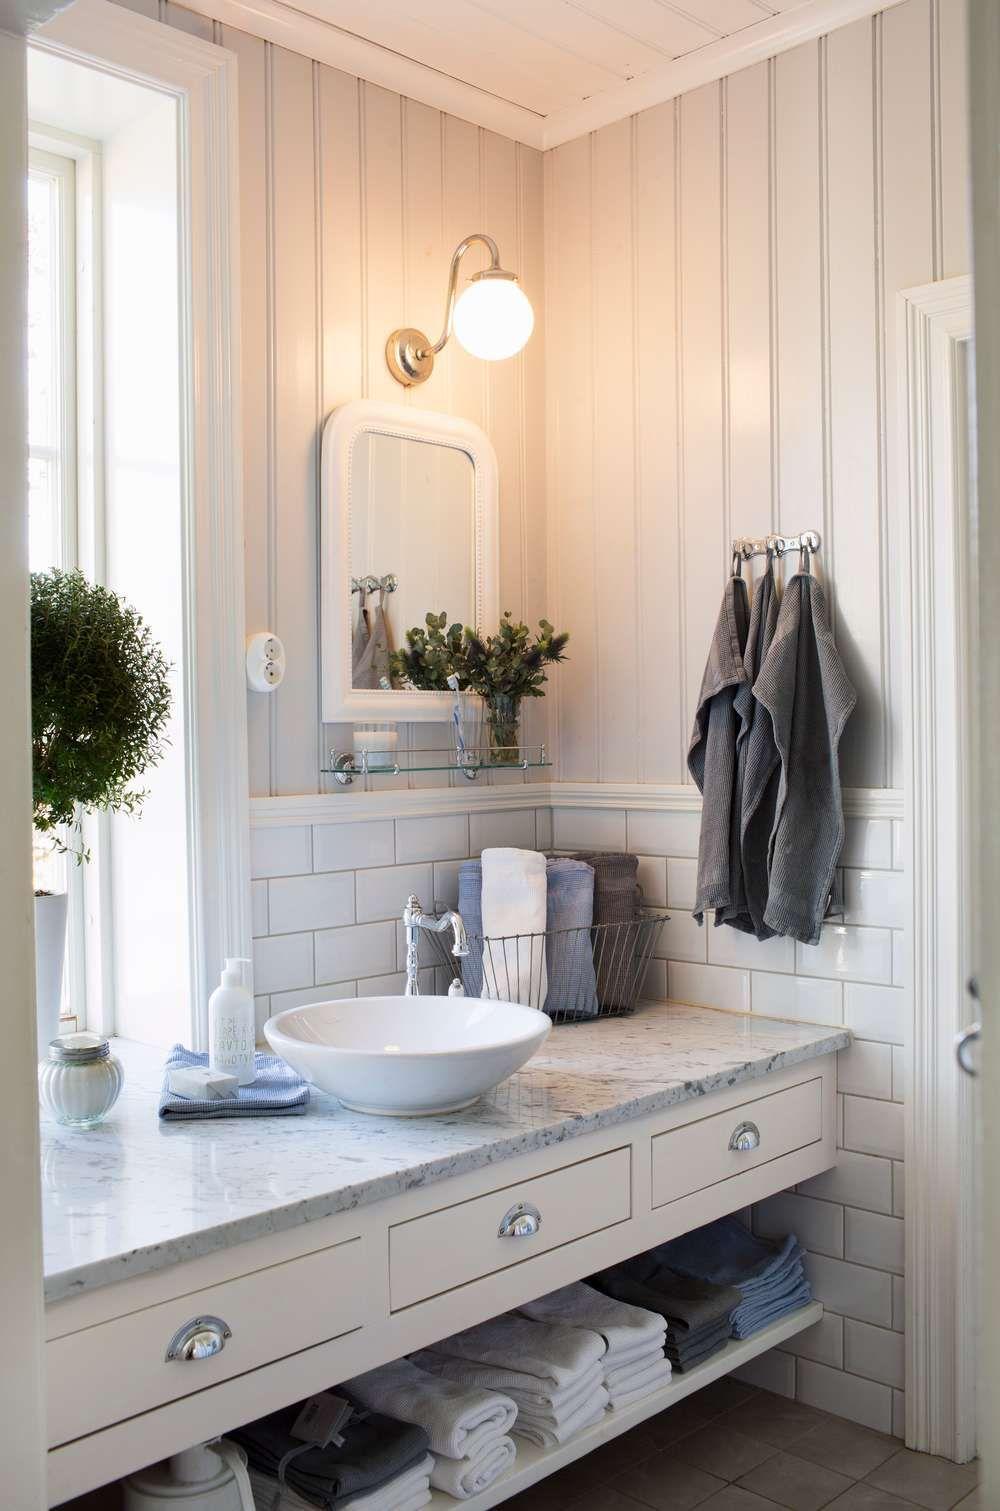 Foto Carina Gran | Badrum vätö | Pinterest | Badezimmer, Bad und Baden